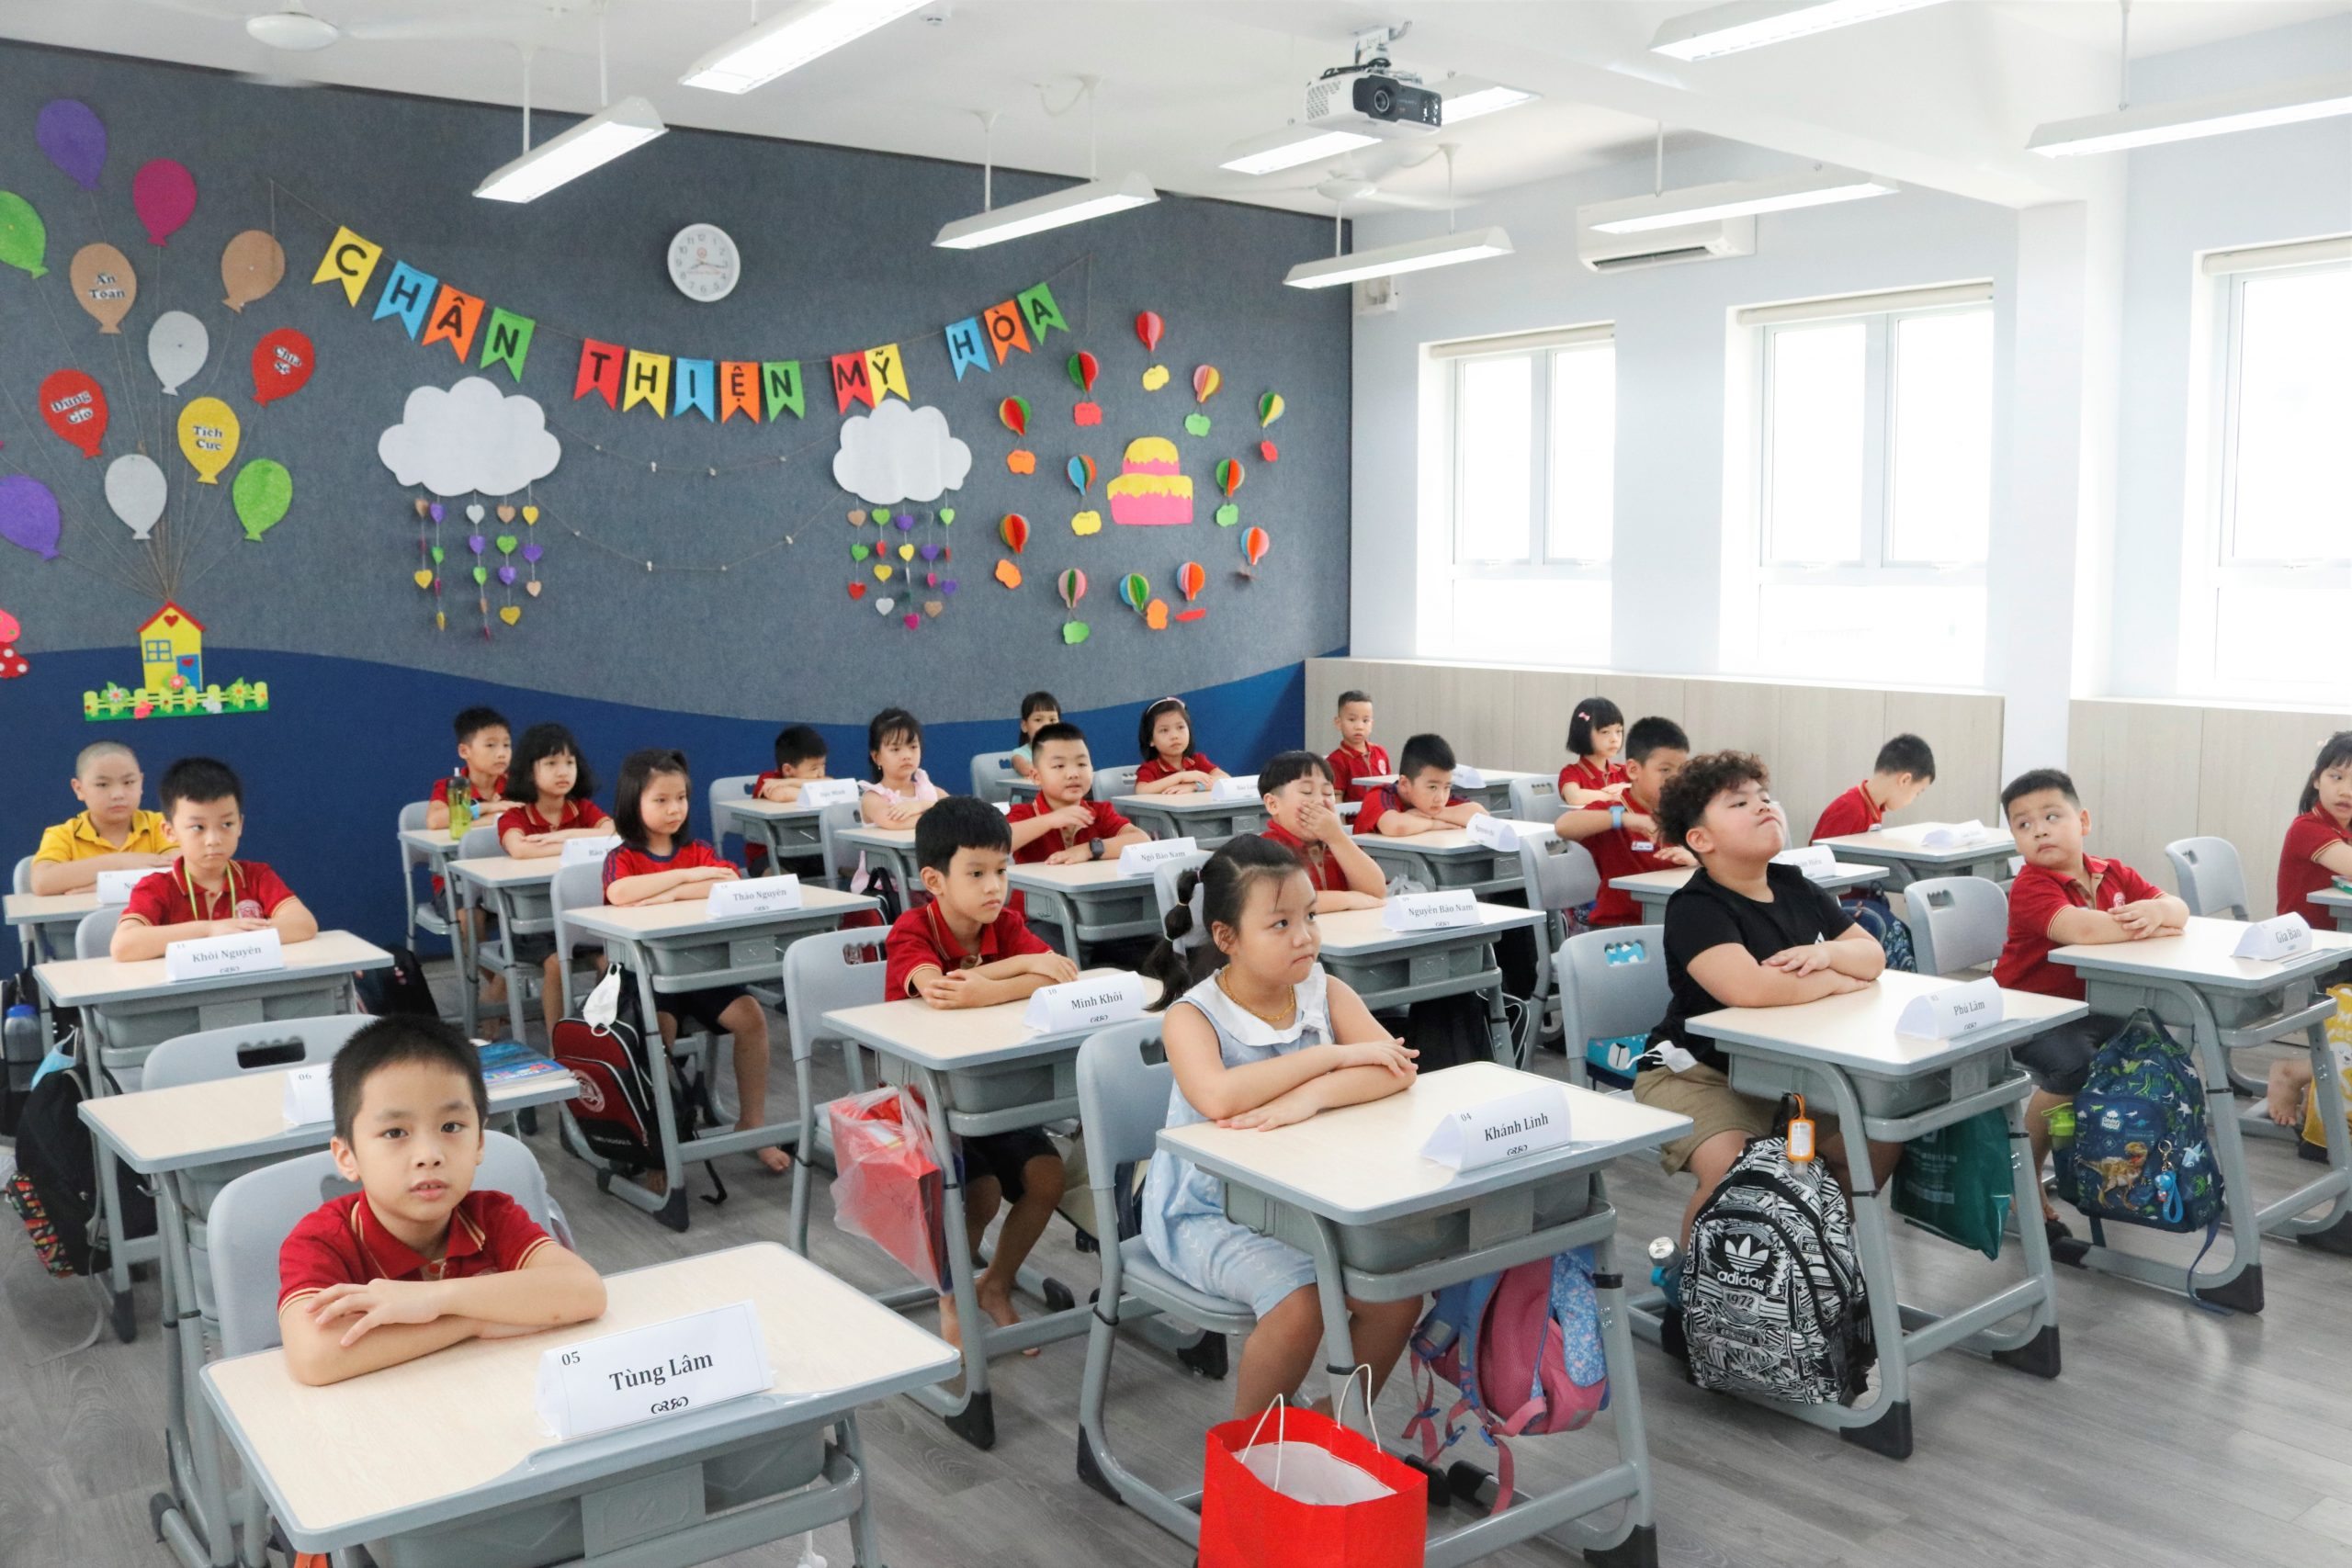 NGÀY ĐẦU TỰU TRƯỜNG ĐẦY CẢM XÚC CỦA HỌC SINH TIMES SCHOOL